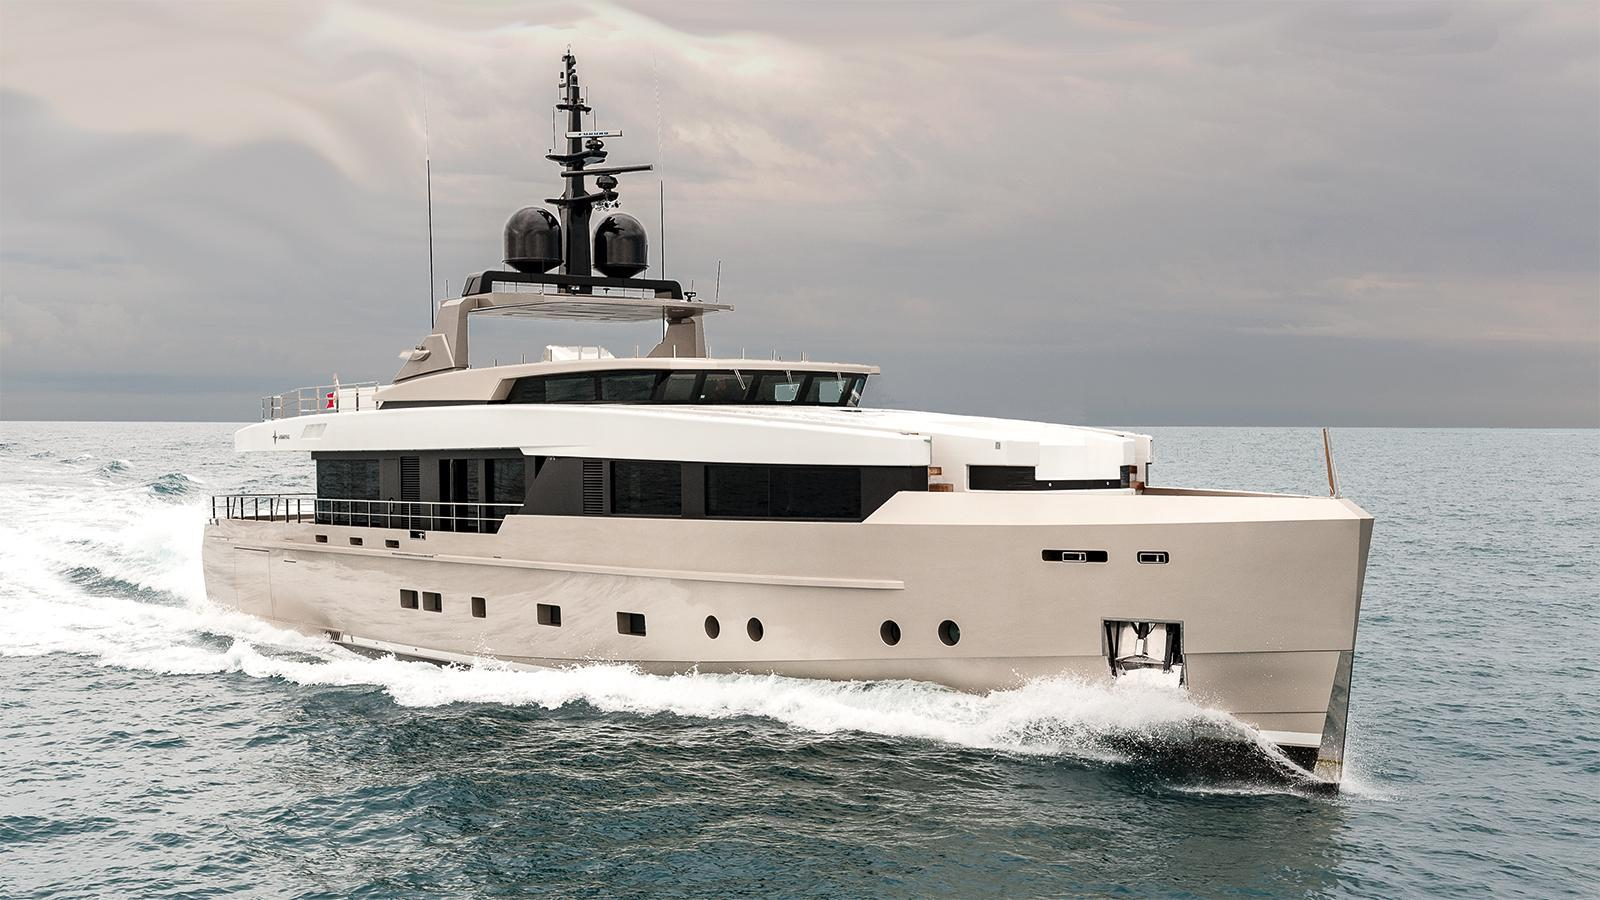 jedi nono motoryacht isg admiral 38m 2014 half profile